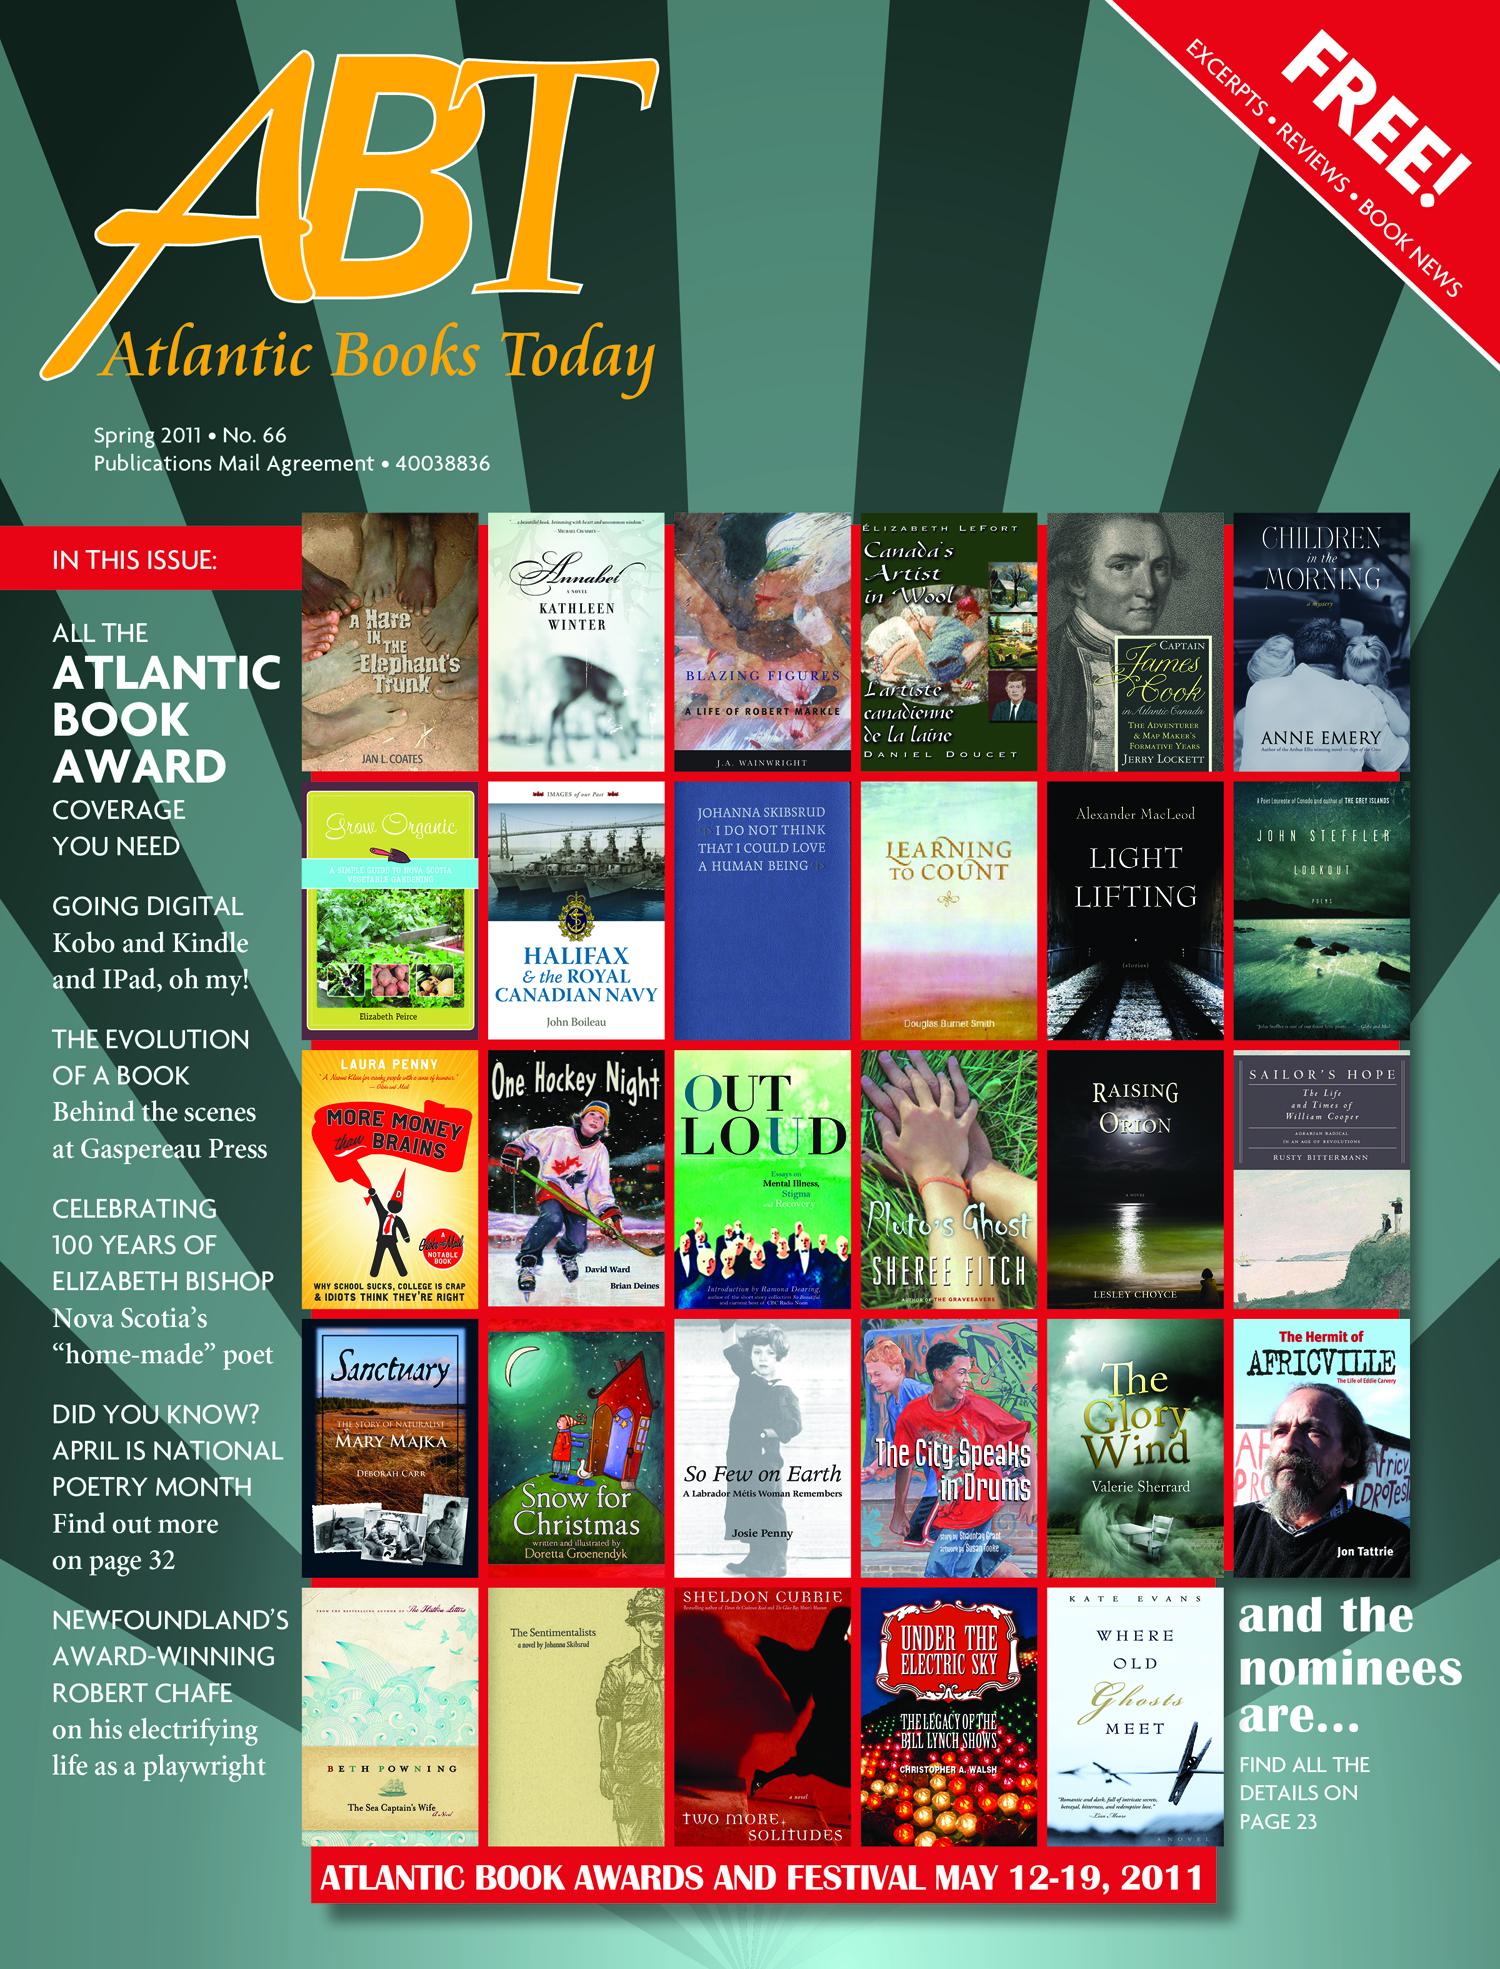 ABT-Spring 2011-66_cover.jpg